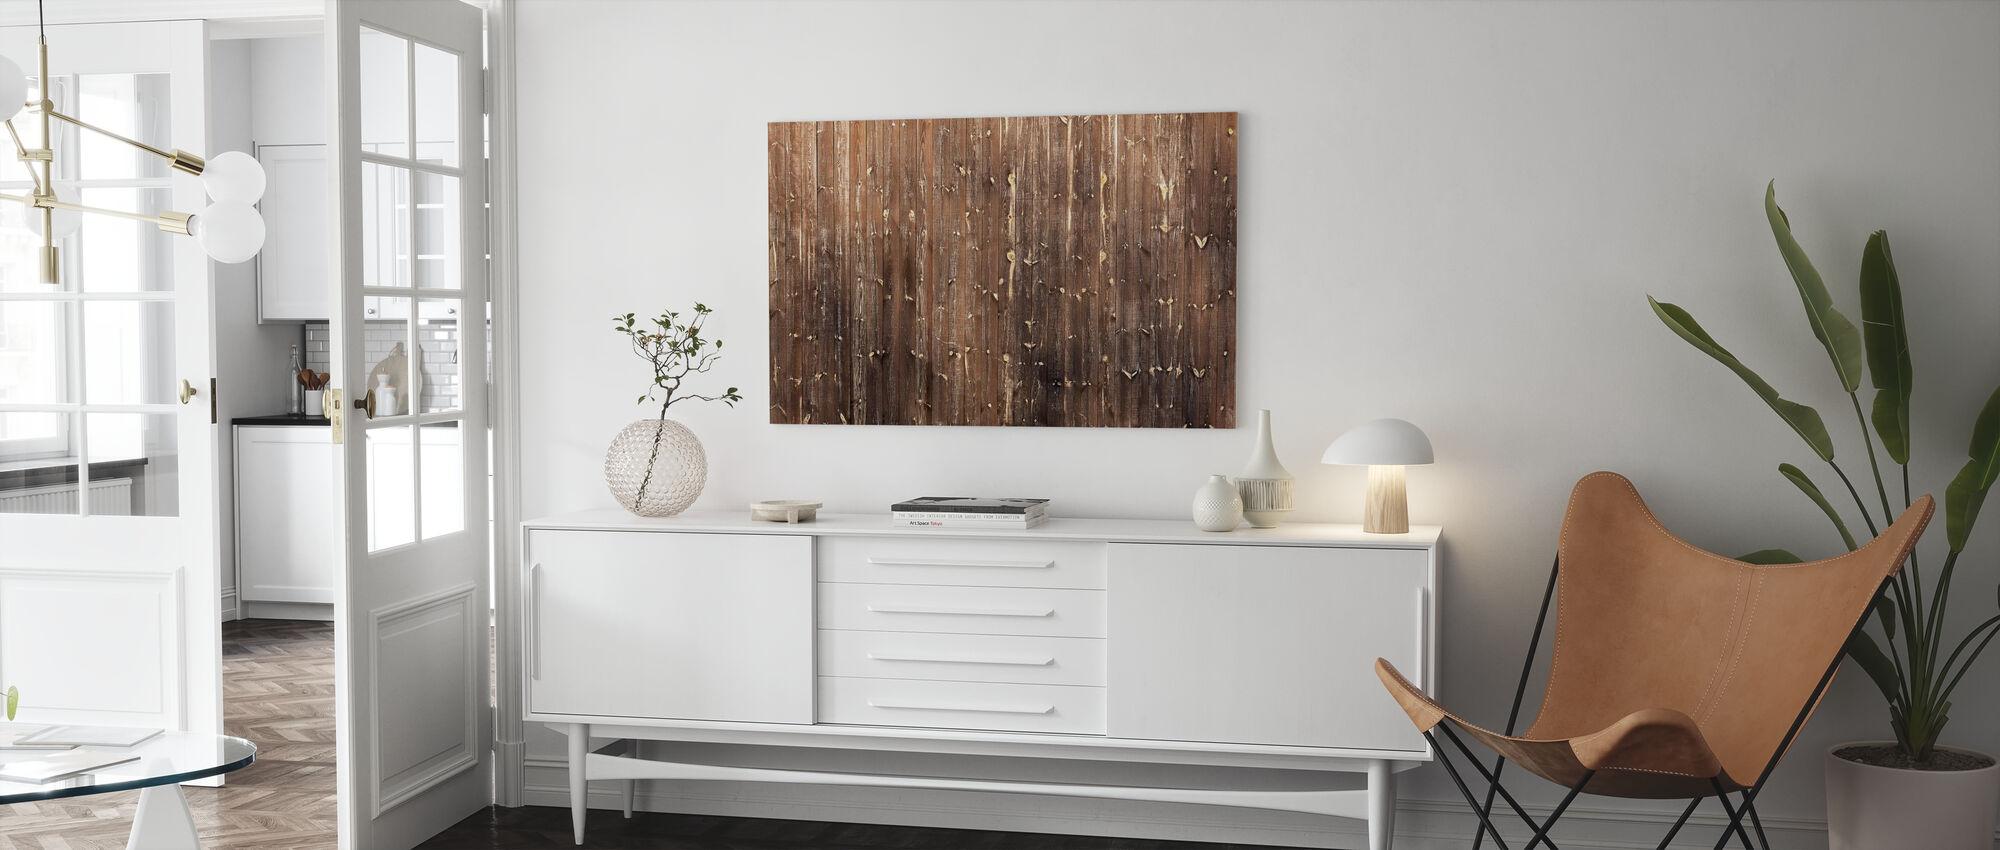 Parete in legno marrone - Stampa su tela - Salotto